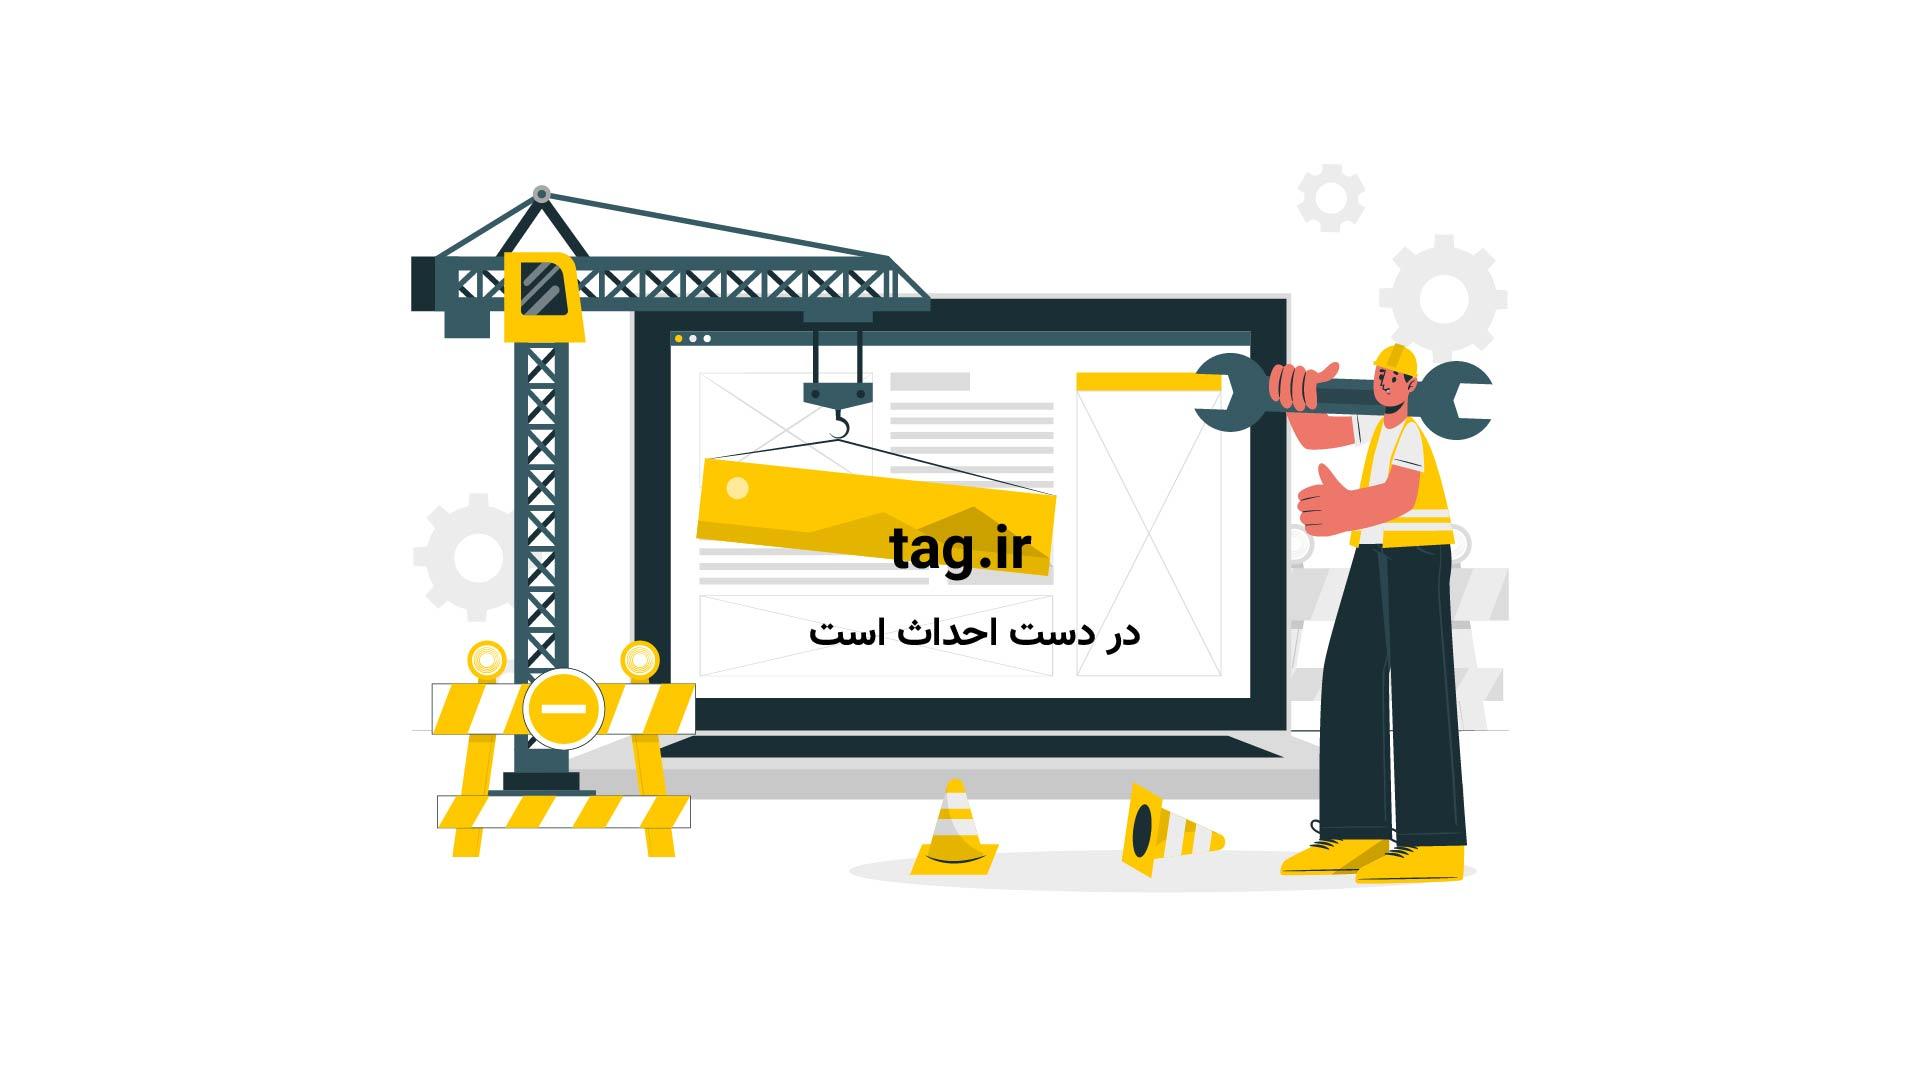 برف زیبای امروز در جاده های ماسال با صدای بابک جهانبخش   فیلم